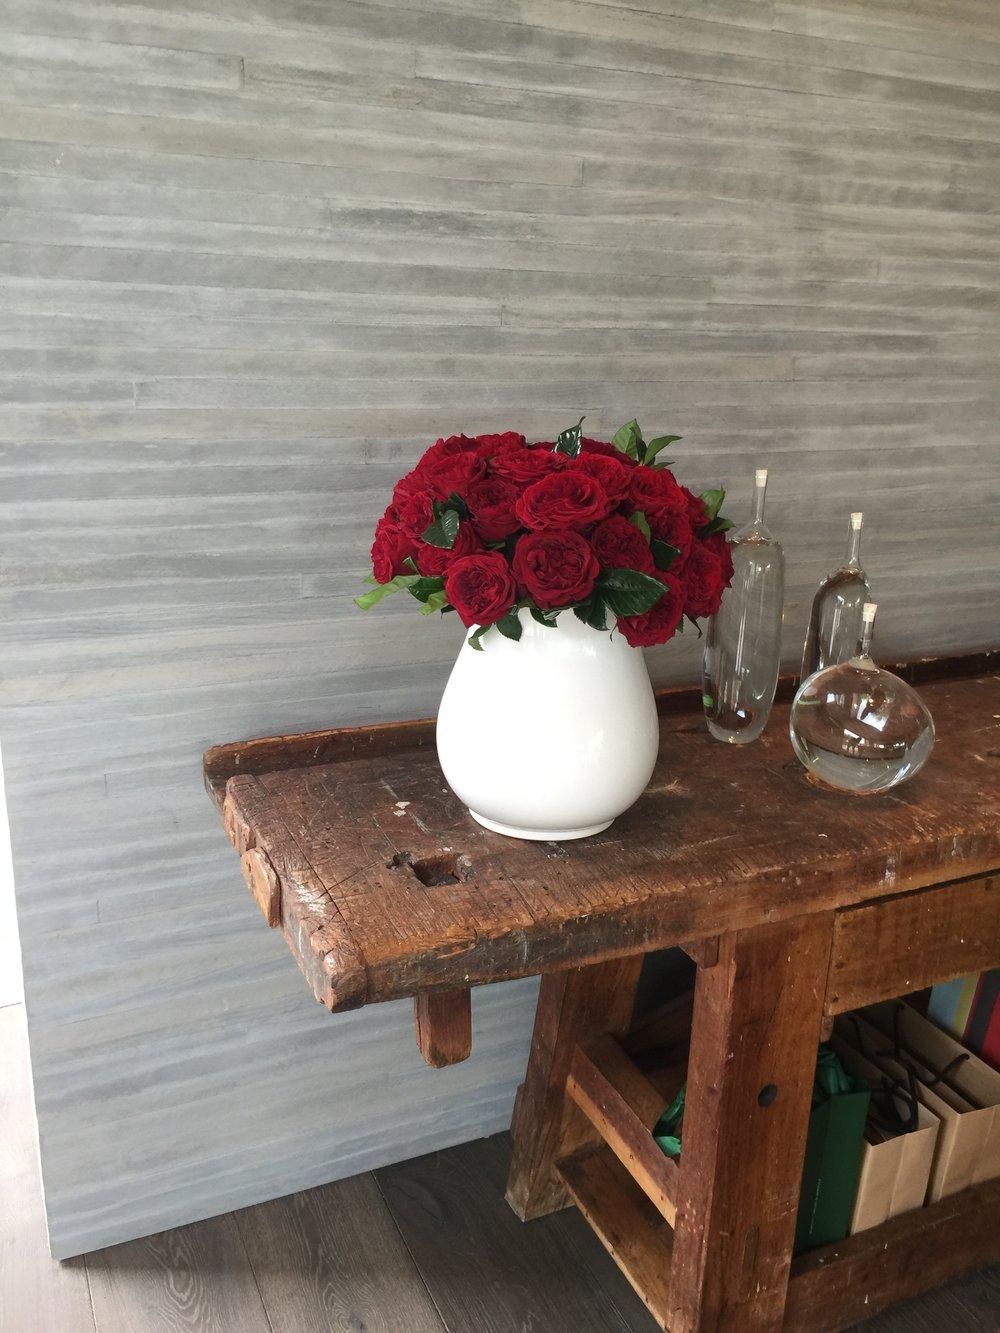 red garden roses.JPG